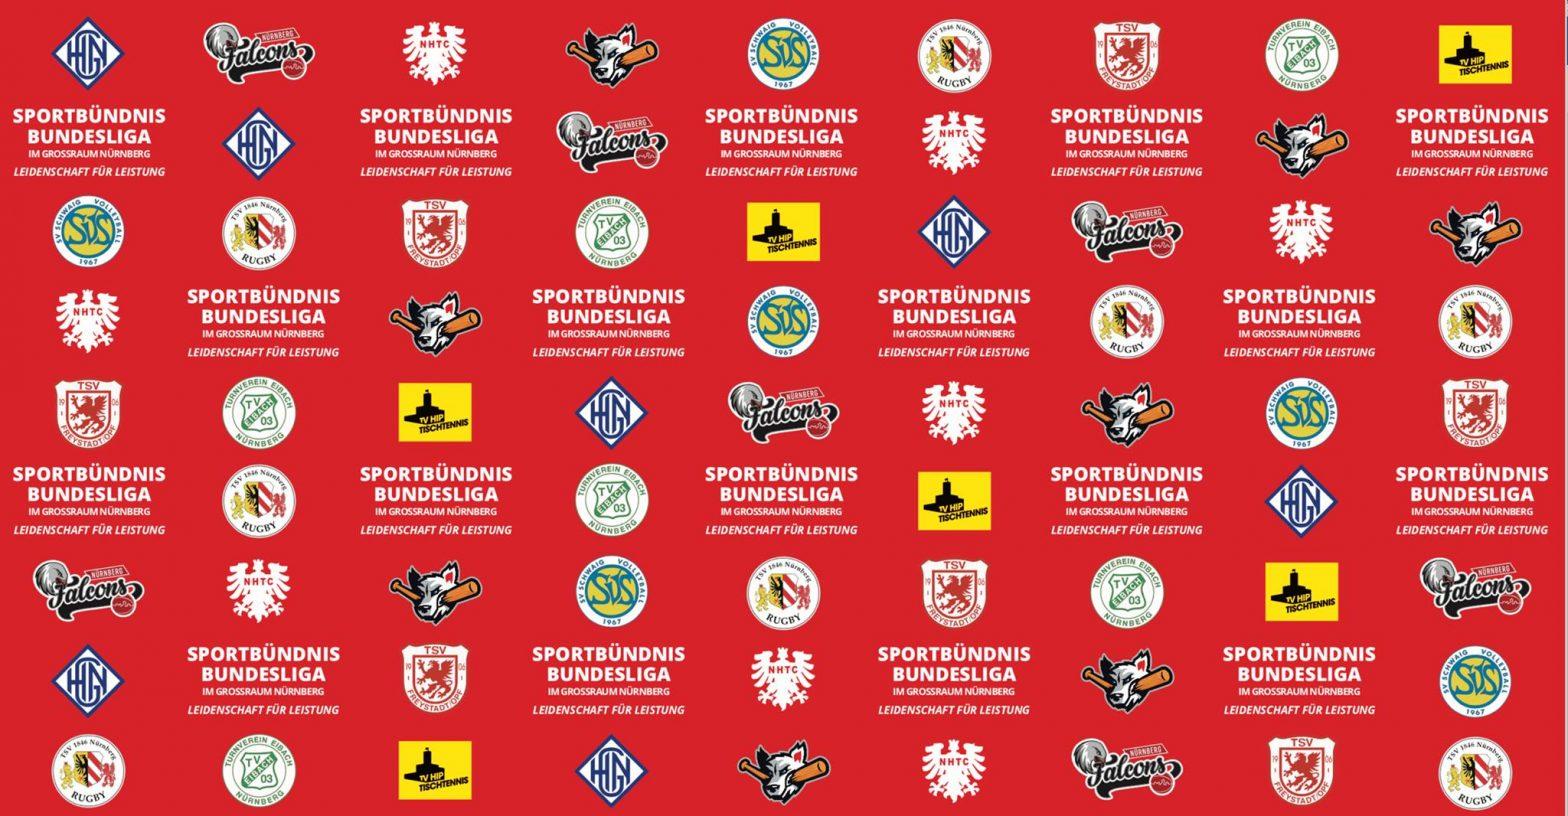 """Neues """"Sportbündnis"""" möchte die Sportszene im Großraum Nürnberg weiter beleben"""